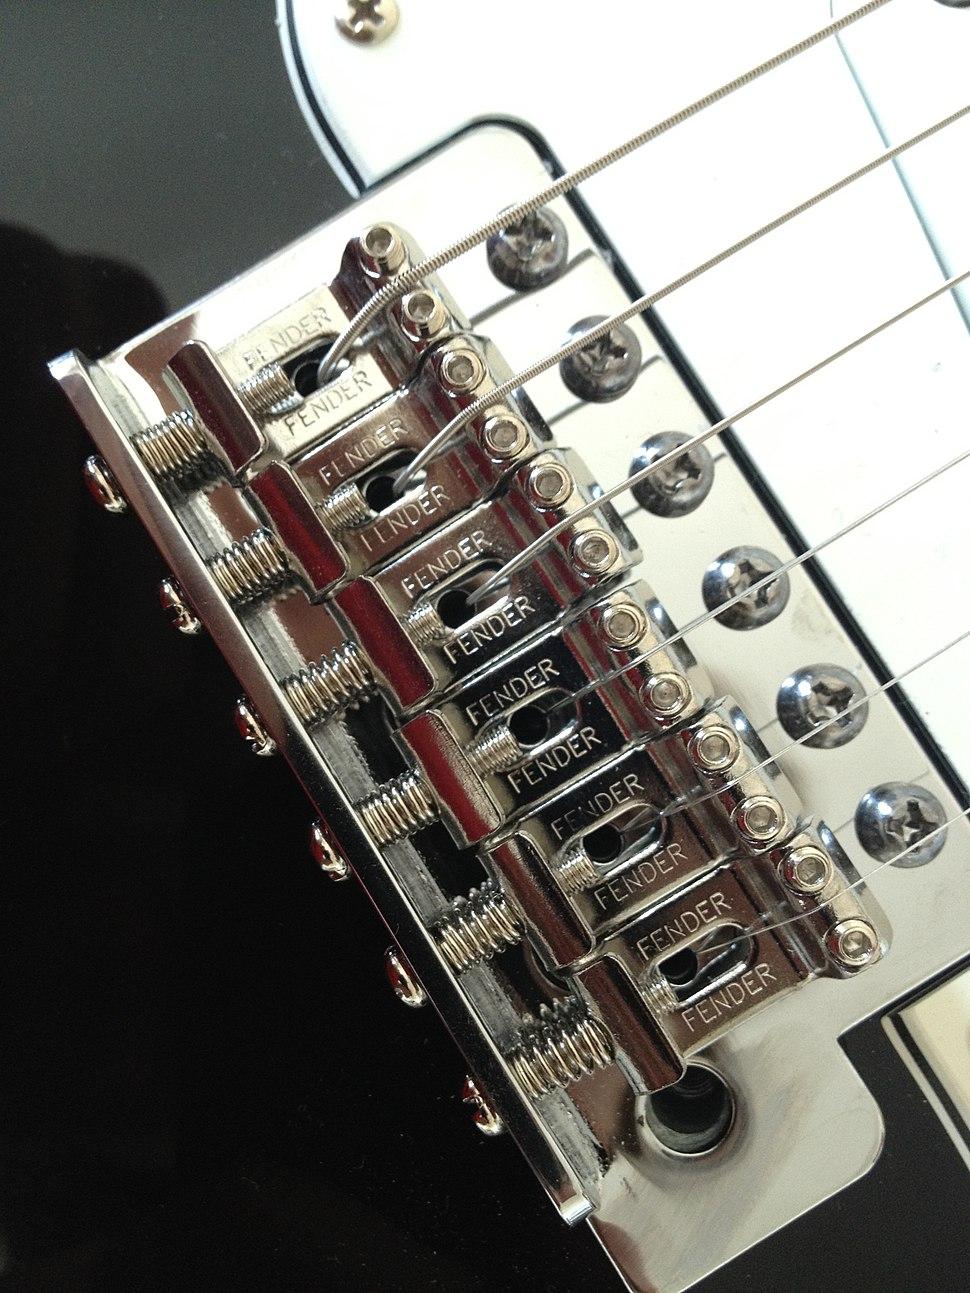 Fender Stratocaster tremolo bridge